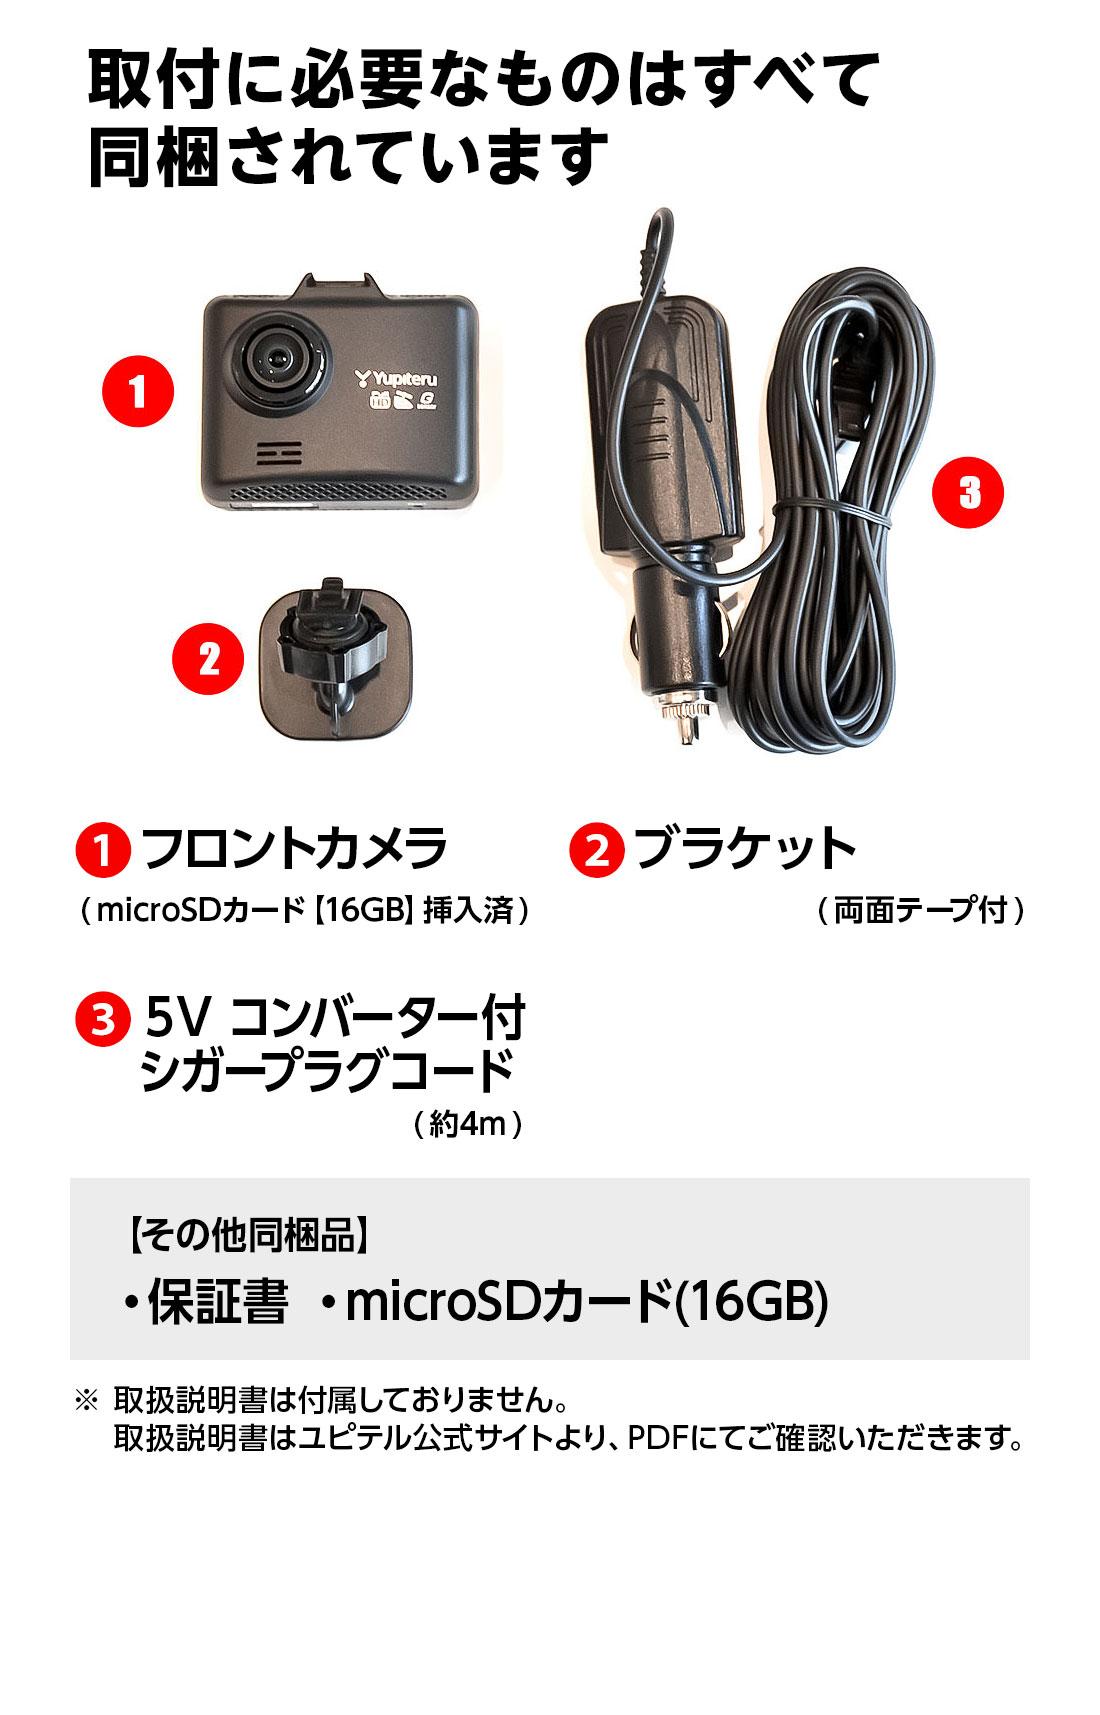 簡易パッケージでも必要なものはすべて同梱 SN-ST3200P